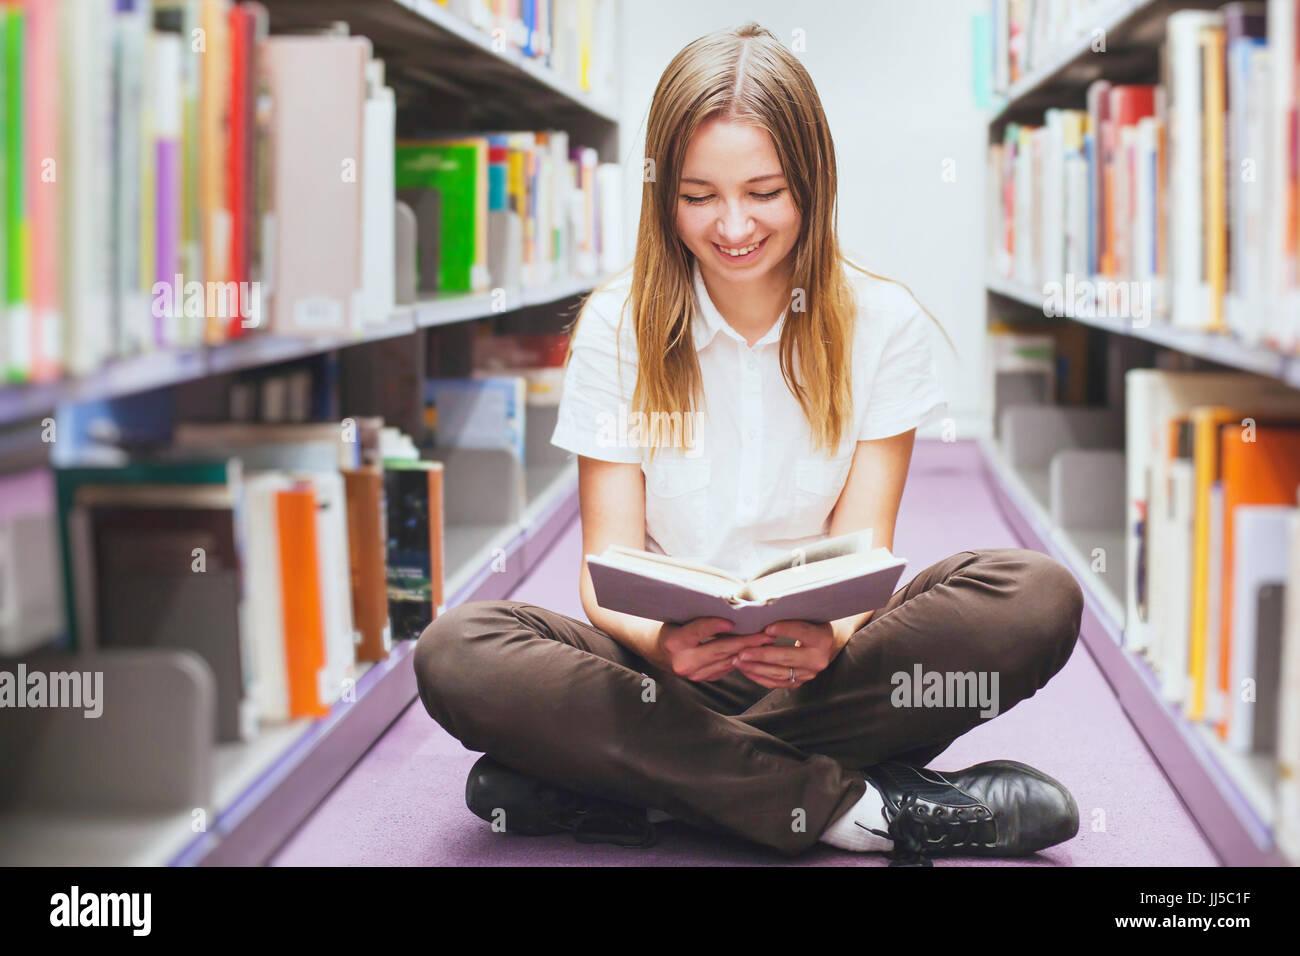 Lettura dello studente libro in biblioteca, sorridente donna felice, sullo sfondo di istruzione Immagini Stock